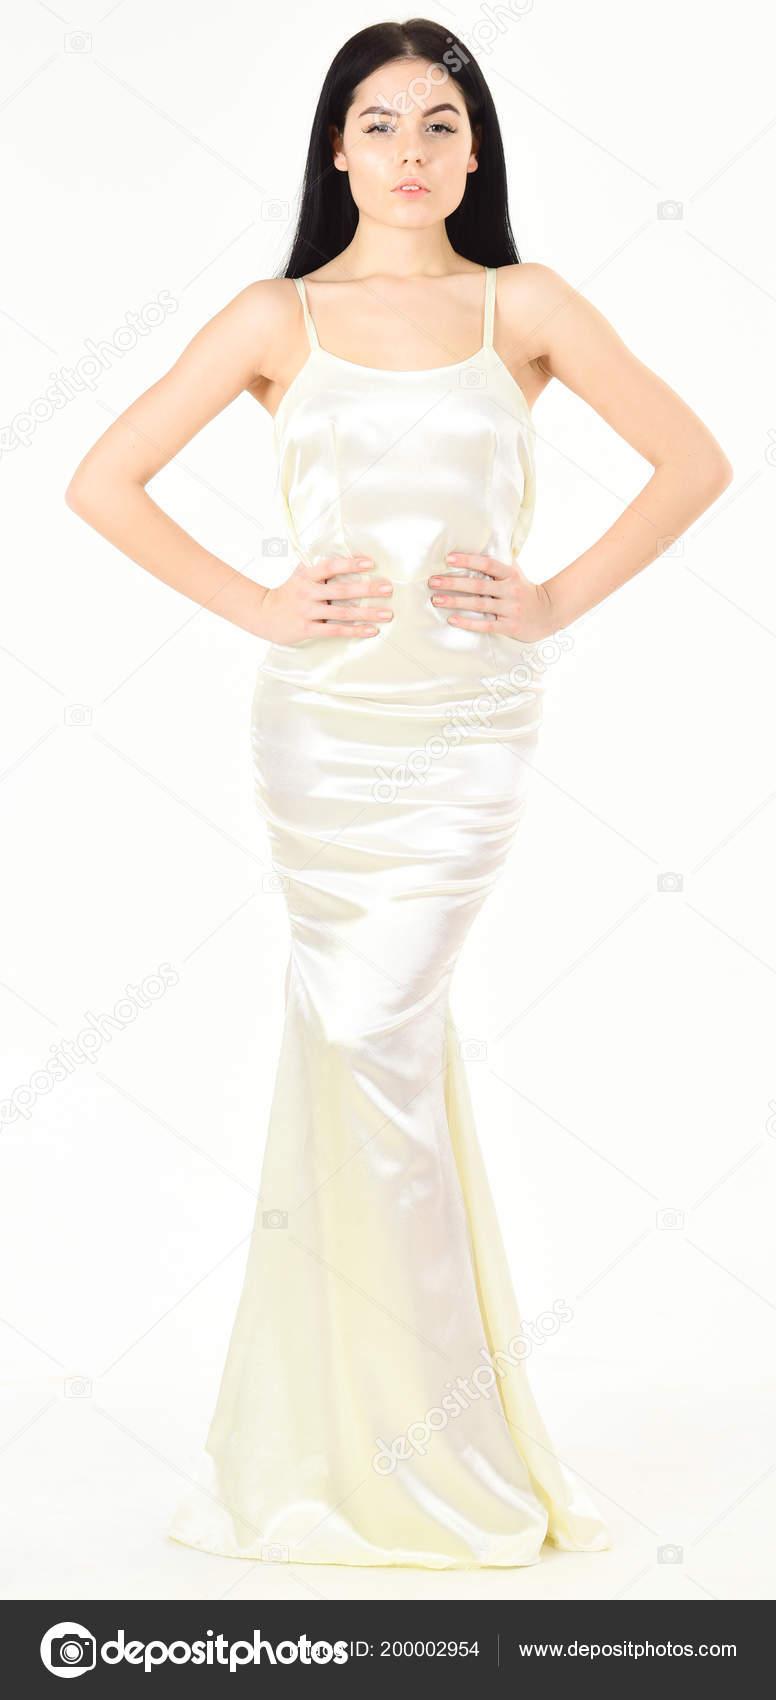 reputable site c5a86 59d83 Donna in vestito bianco elegante con i capelli lunghi ...